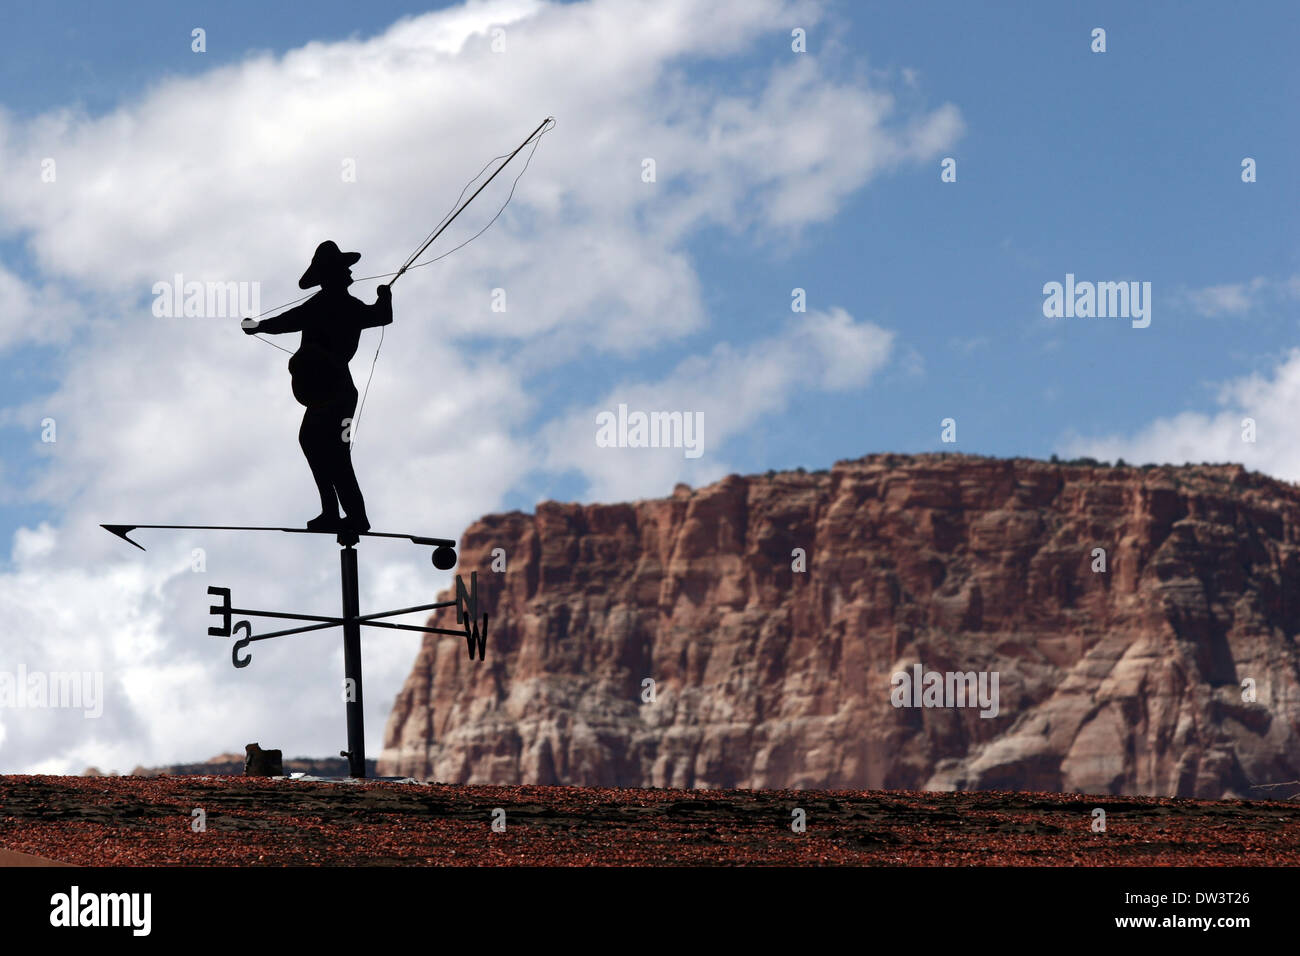 Segnale di vento pescatore sul tetto con rocce e cielo sullo sfondo Immagini Stock